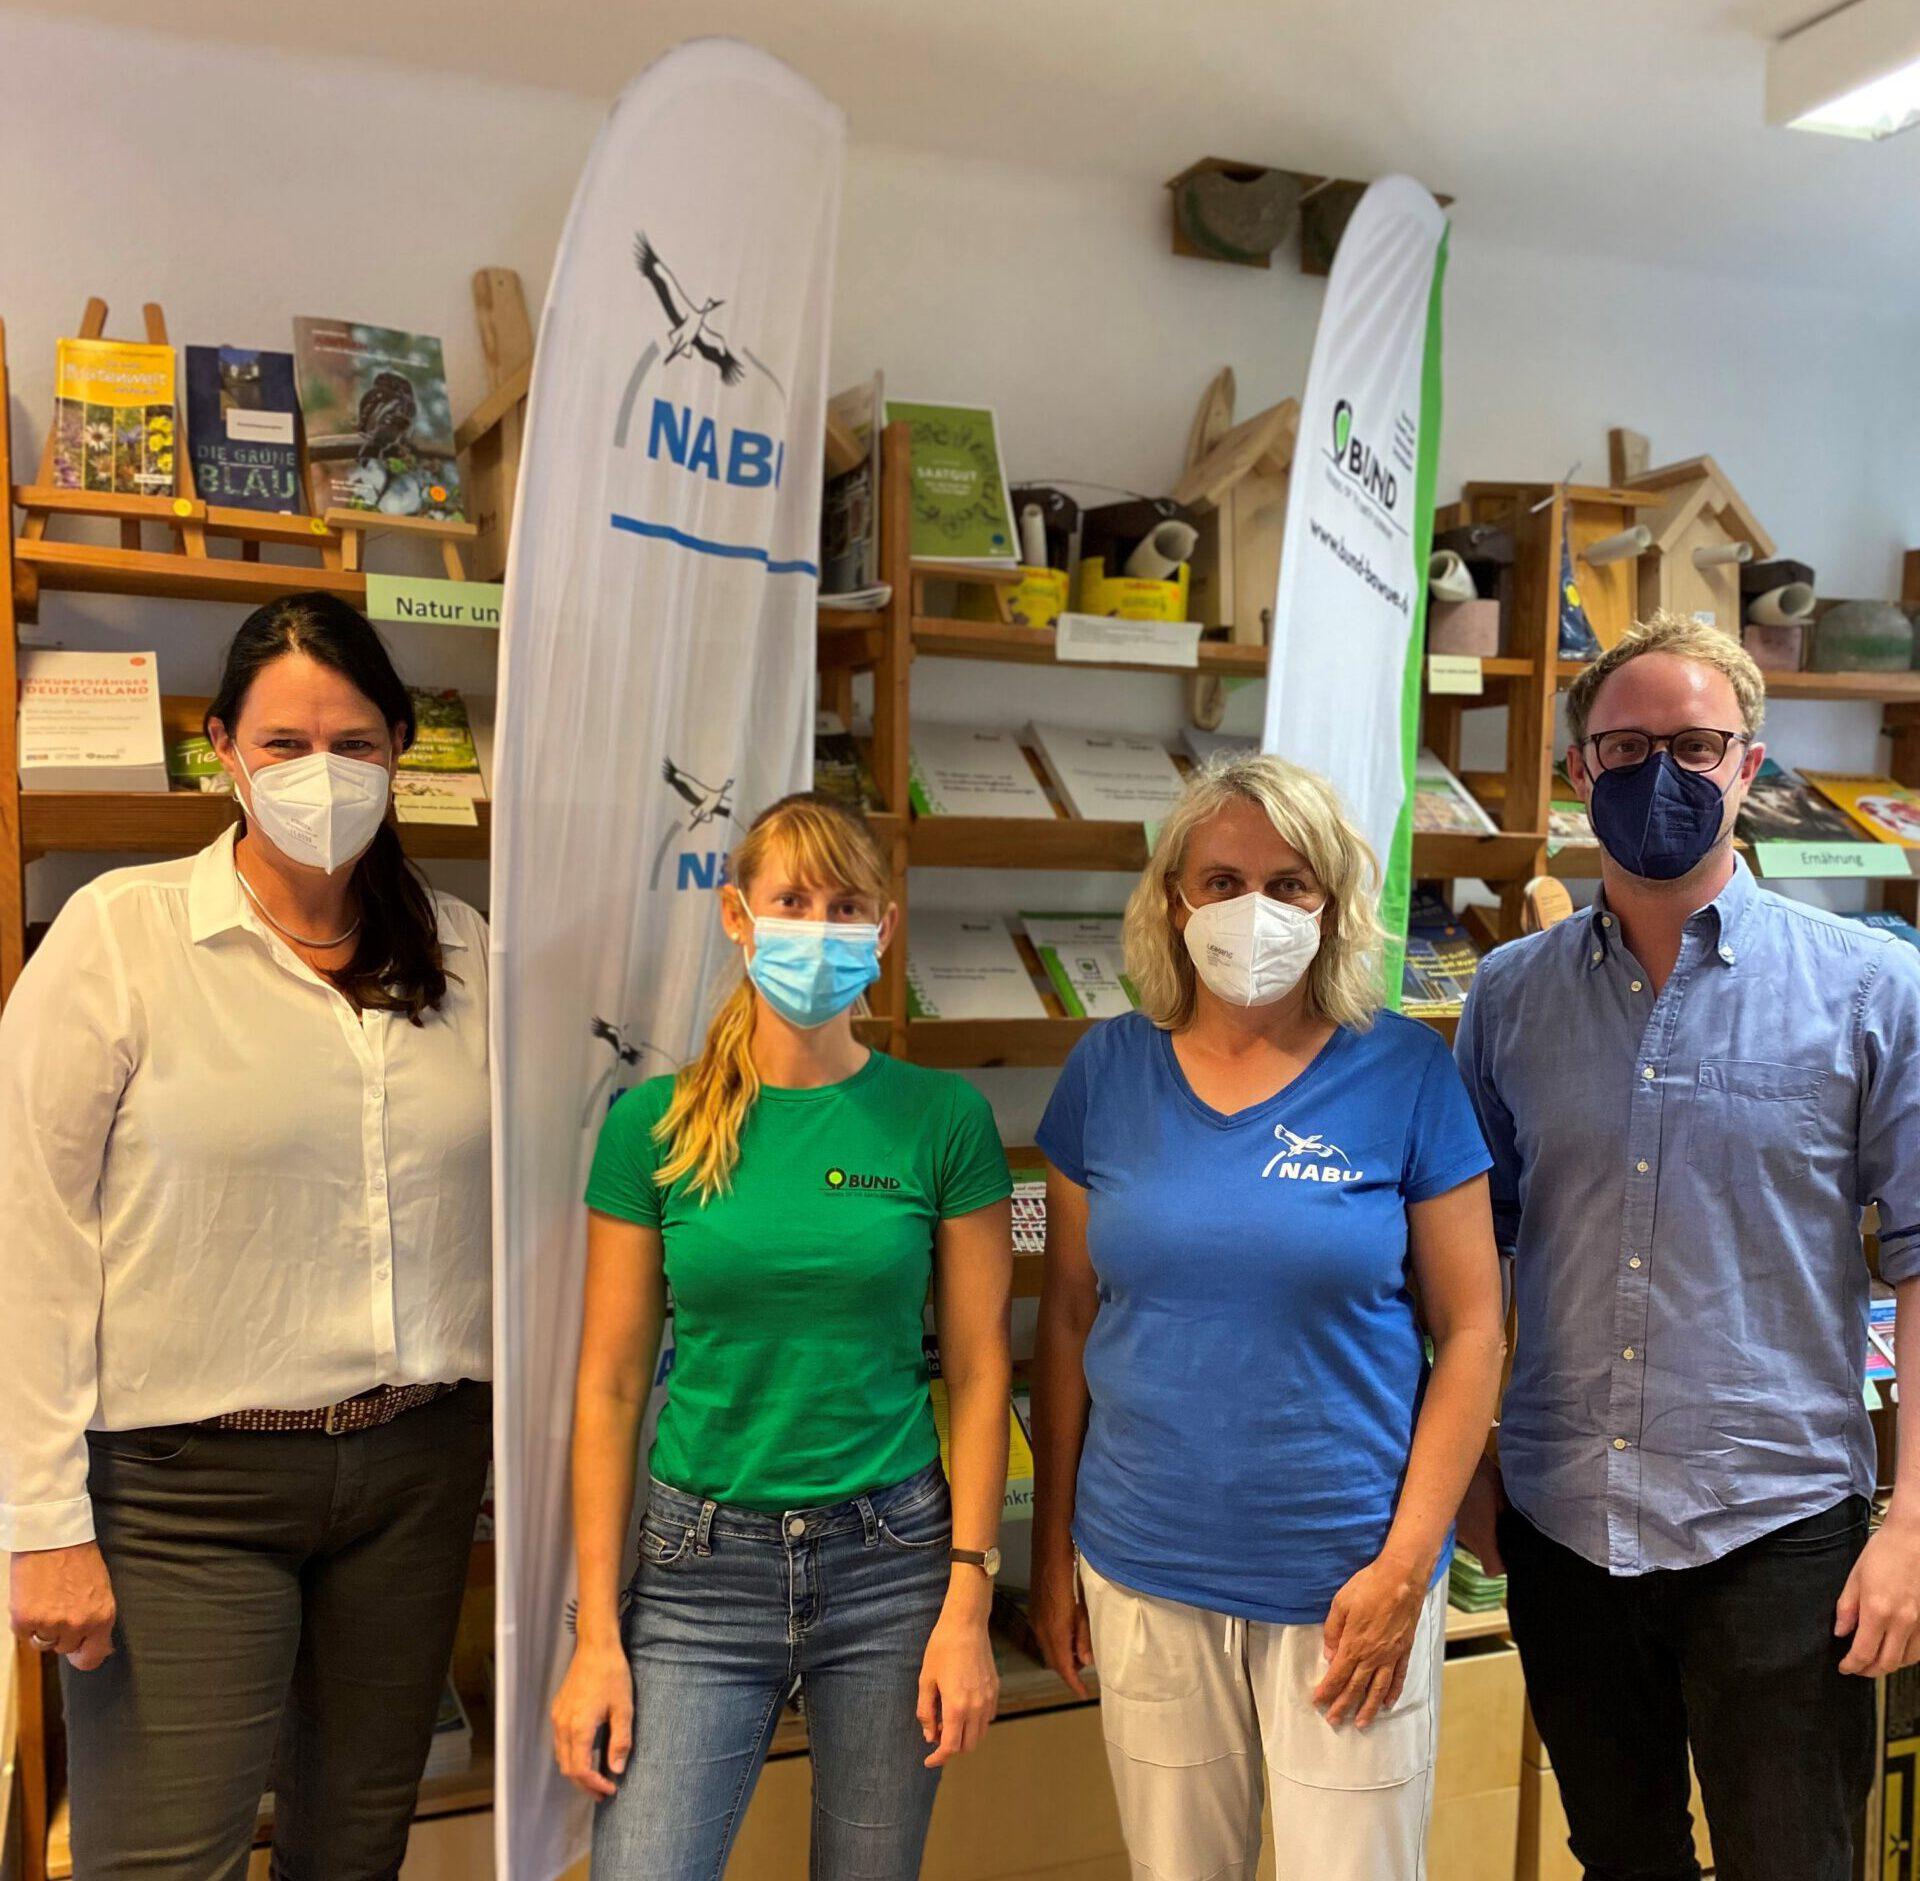 Marcel Emmerich, Dr. Anja Reinalter, Jana Slave (BUND) und Sabine Brandt (NABU) posieren für ein Gruppenfoto vor den Fahnen von NABU und BUND.